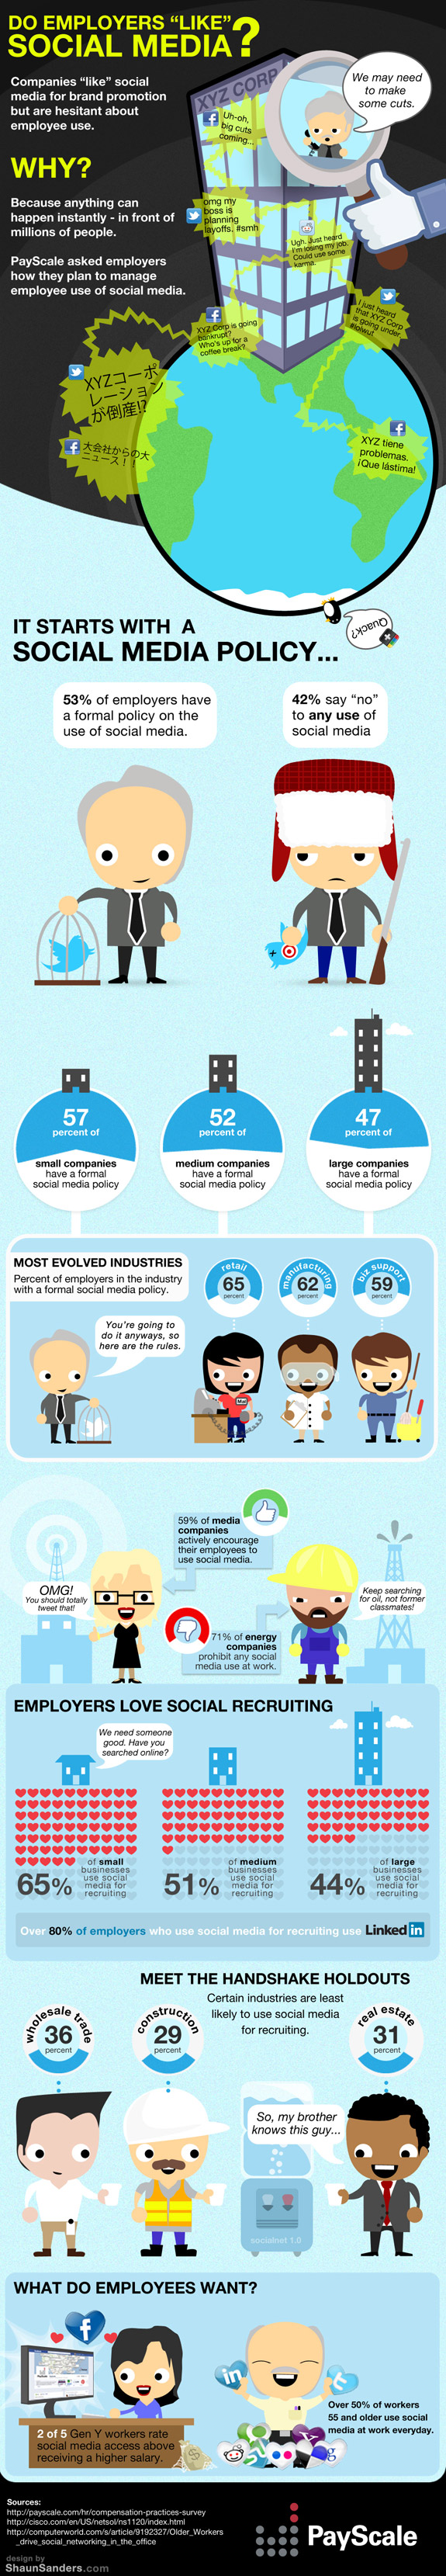 Social Media nas Empresas aponta para um gráfico com maior resolução